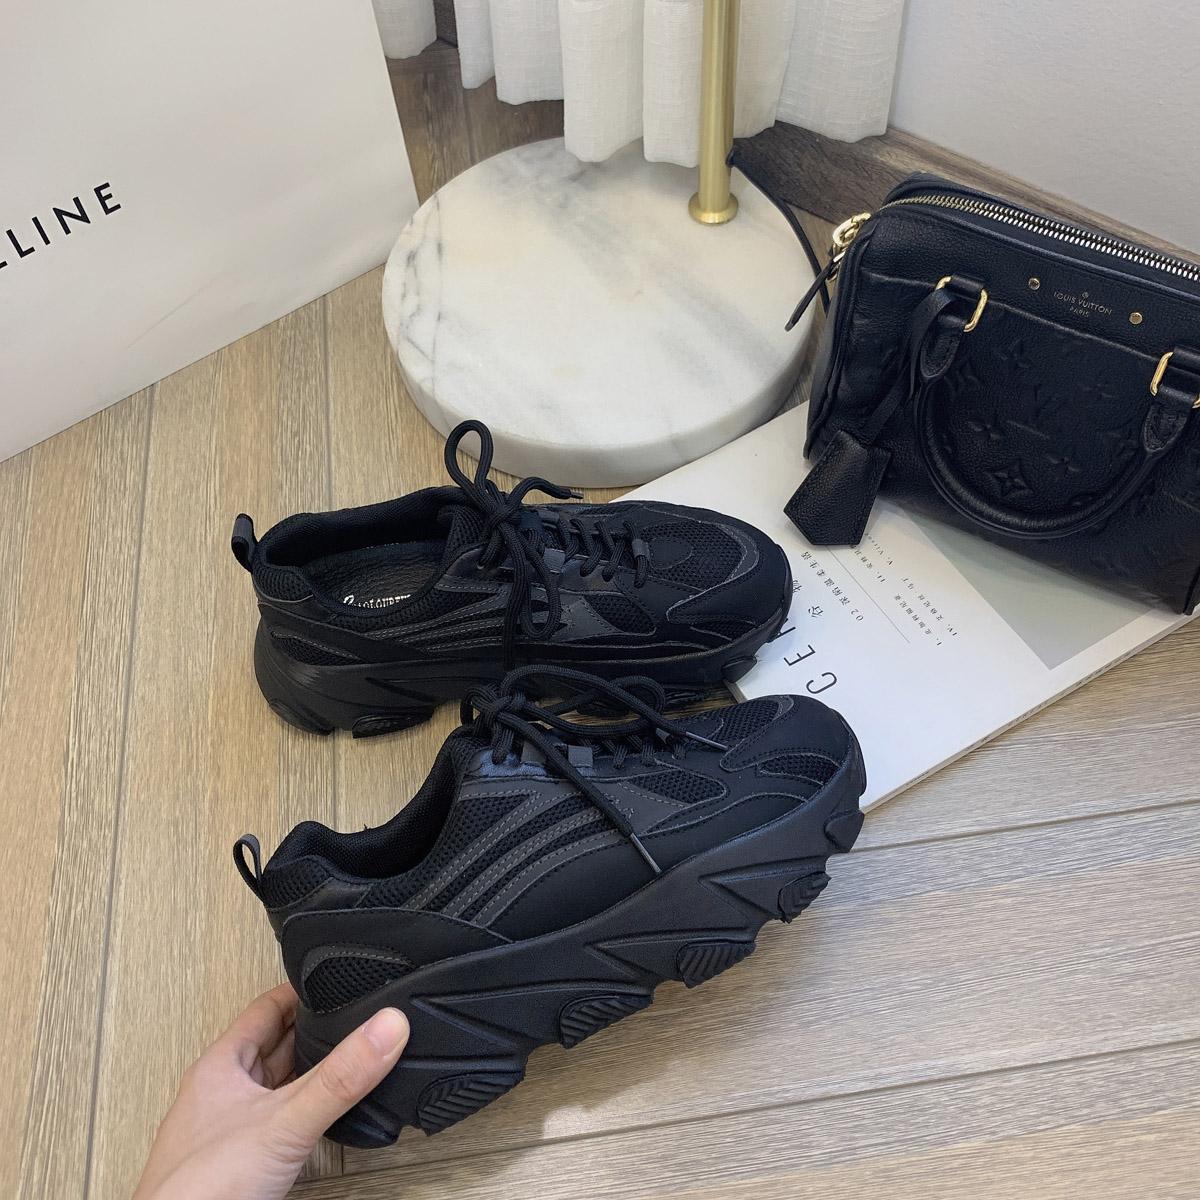 靓小靓 巨好穿 时髦星人bi入~cool真皮厚底5cm椰子运动鞋小黑鞋